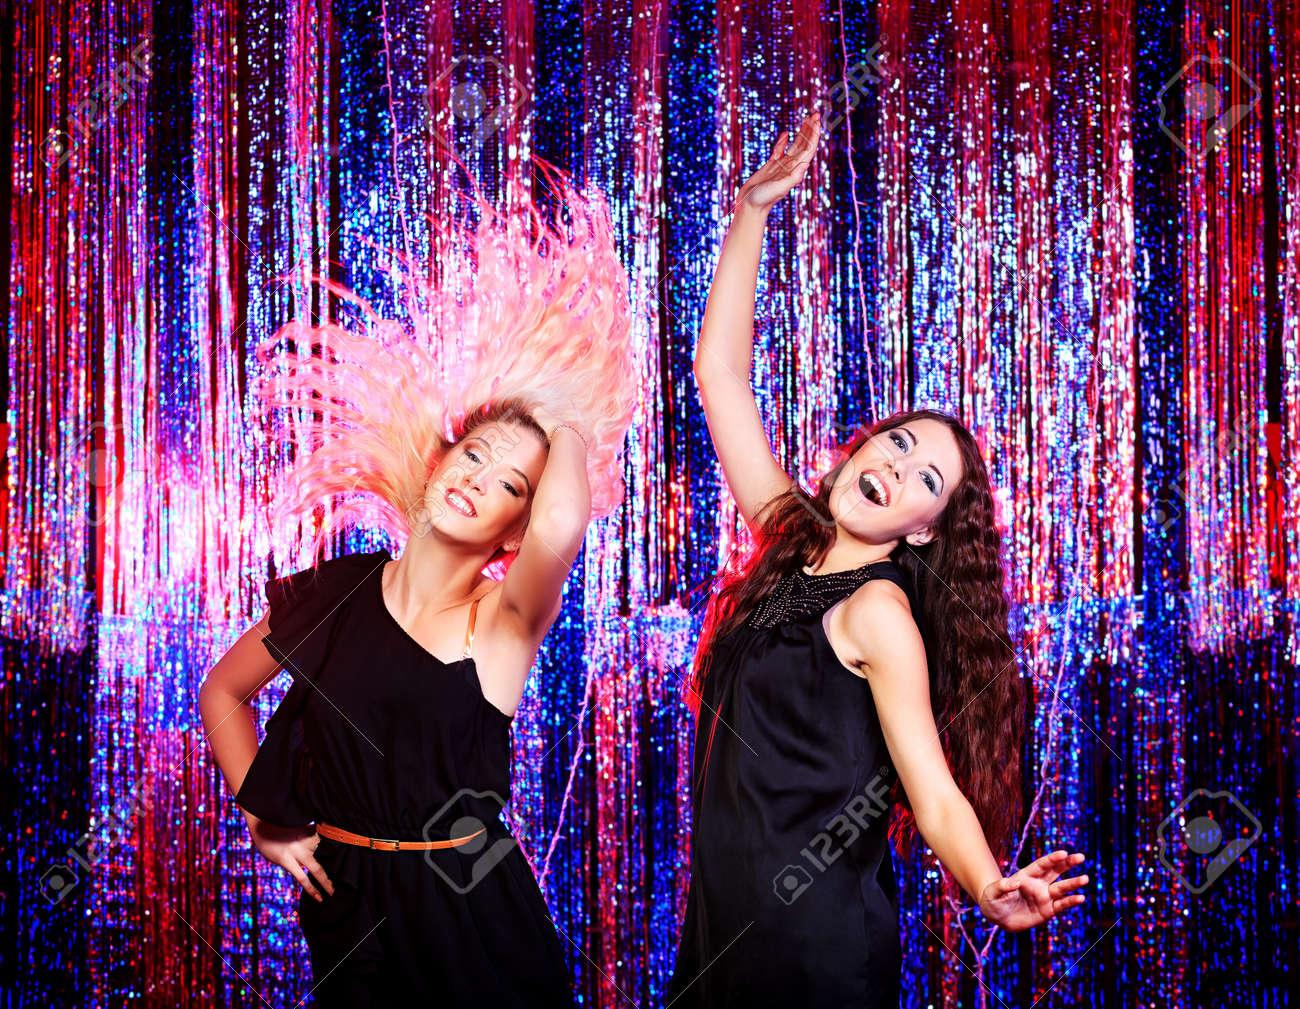 Танцуют две женщины онлайн